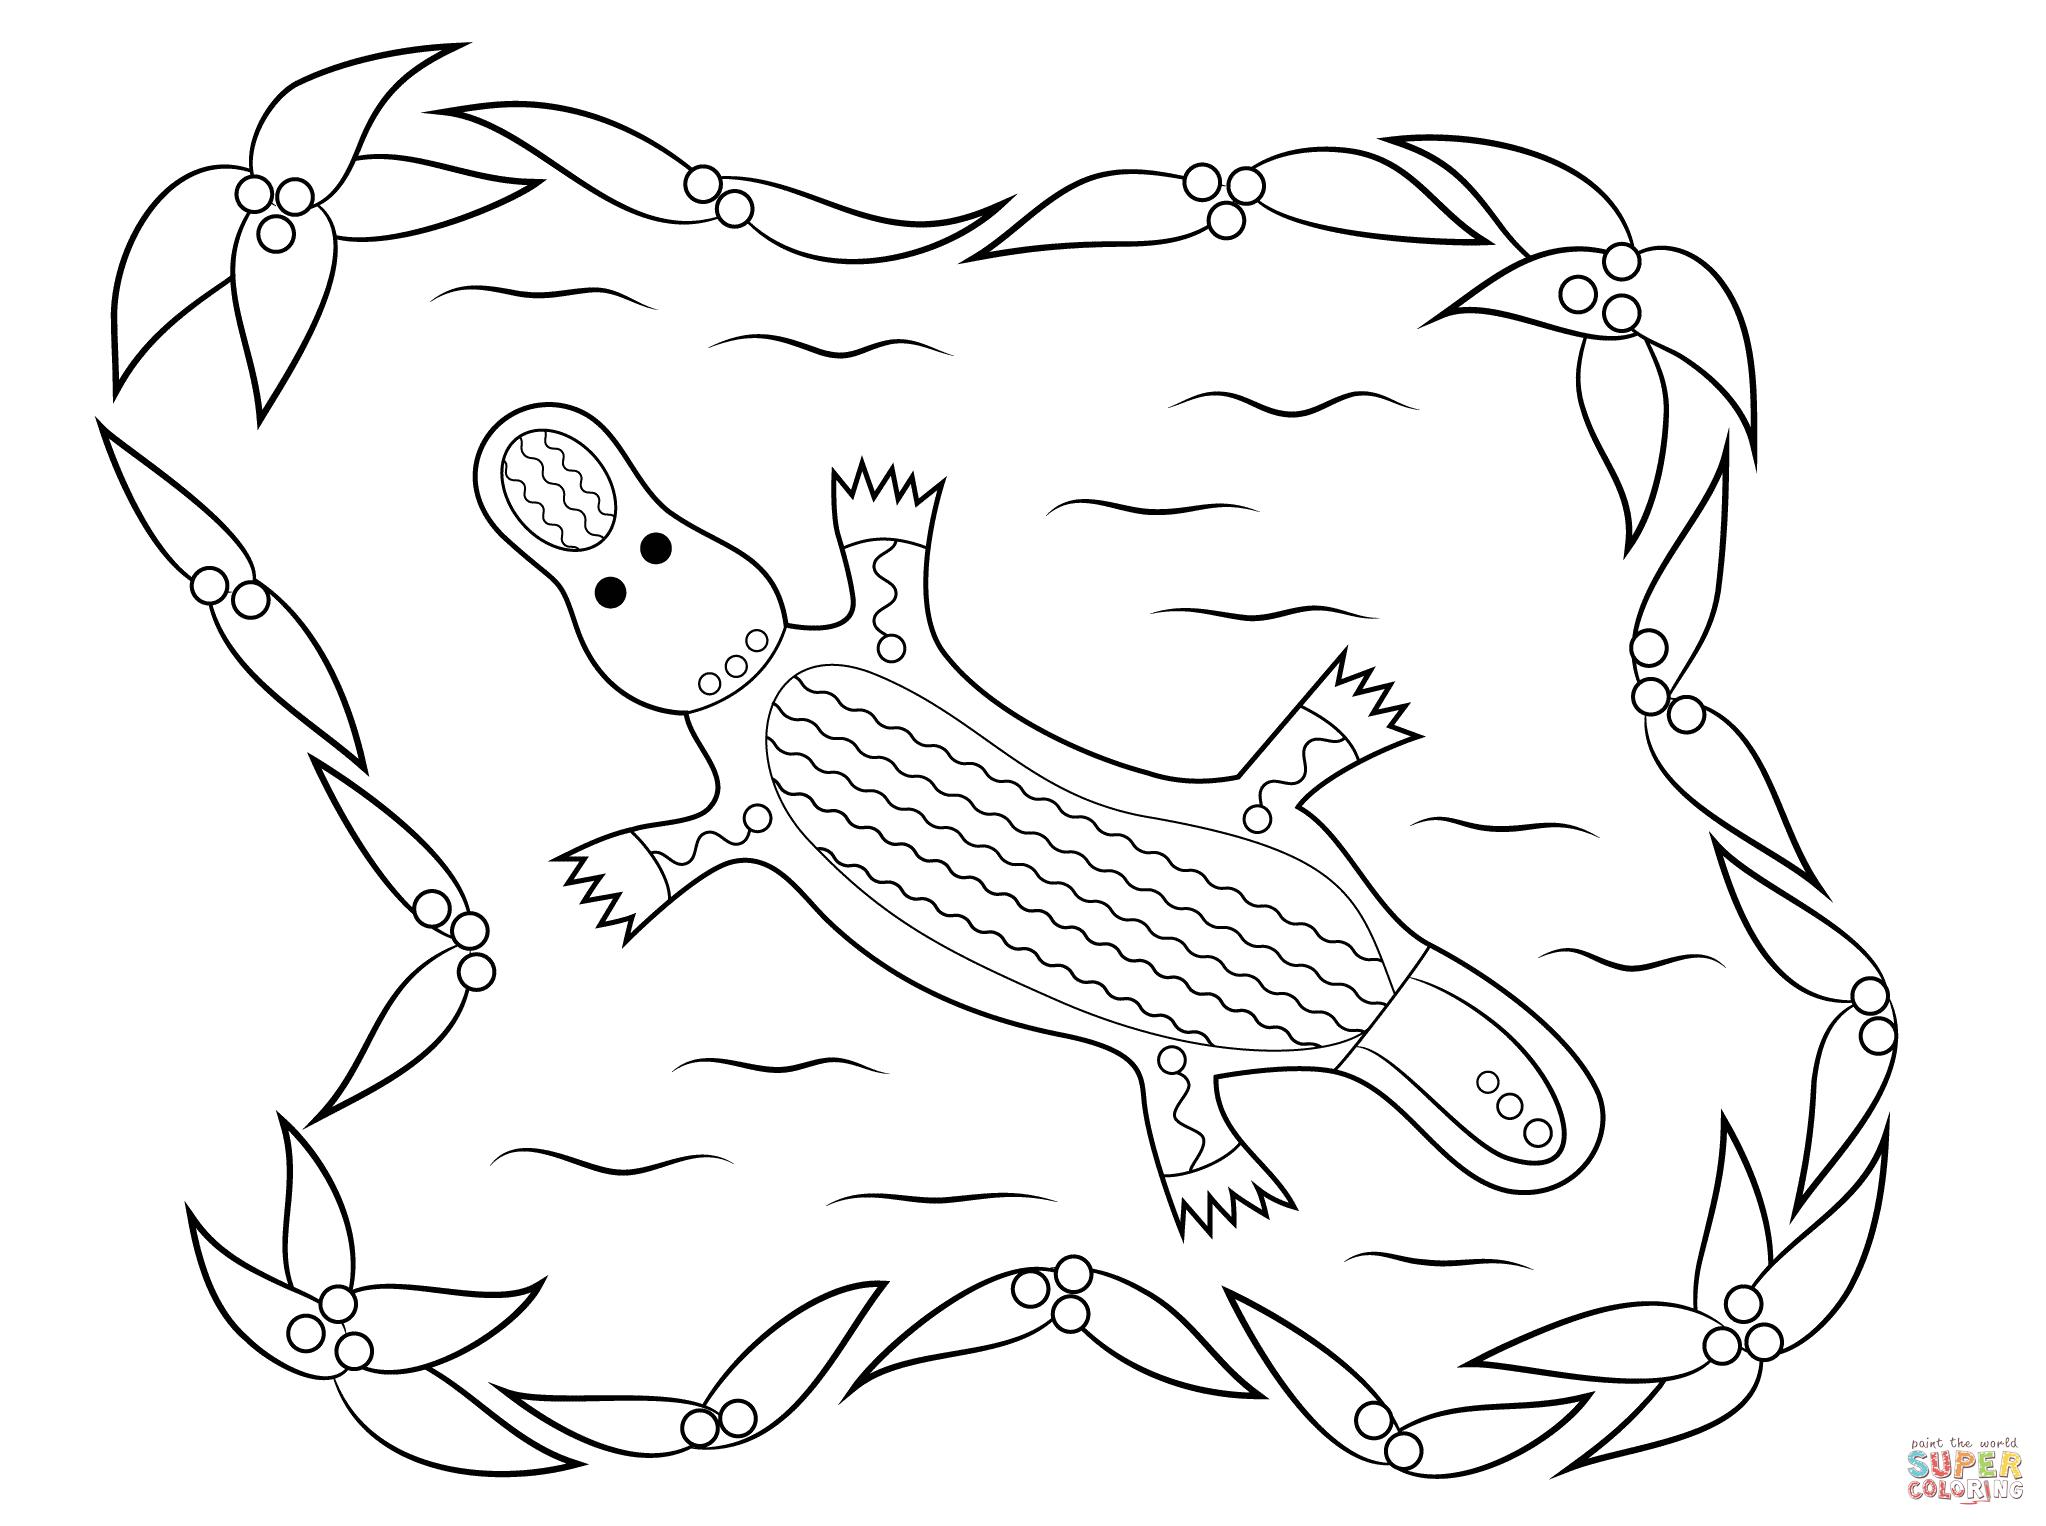 Platypus Aboriginal Art Coloring Page